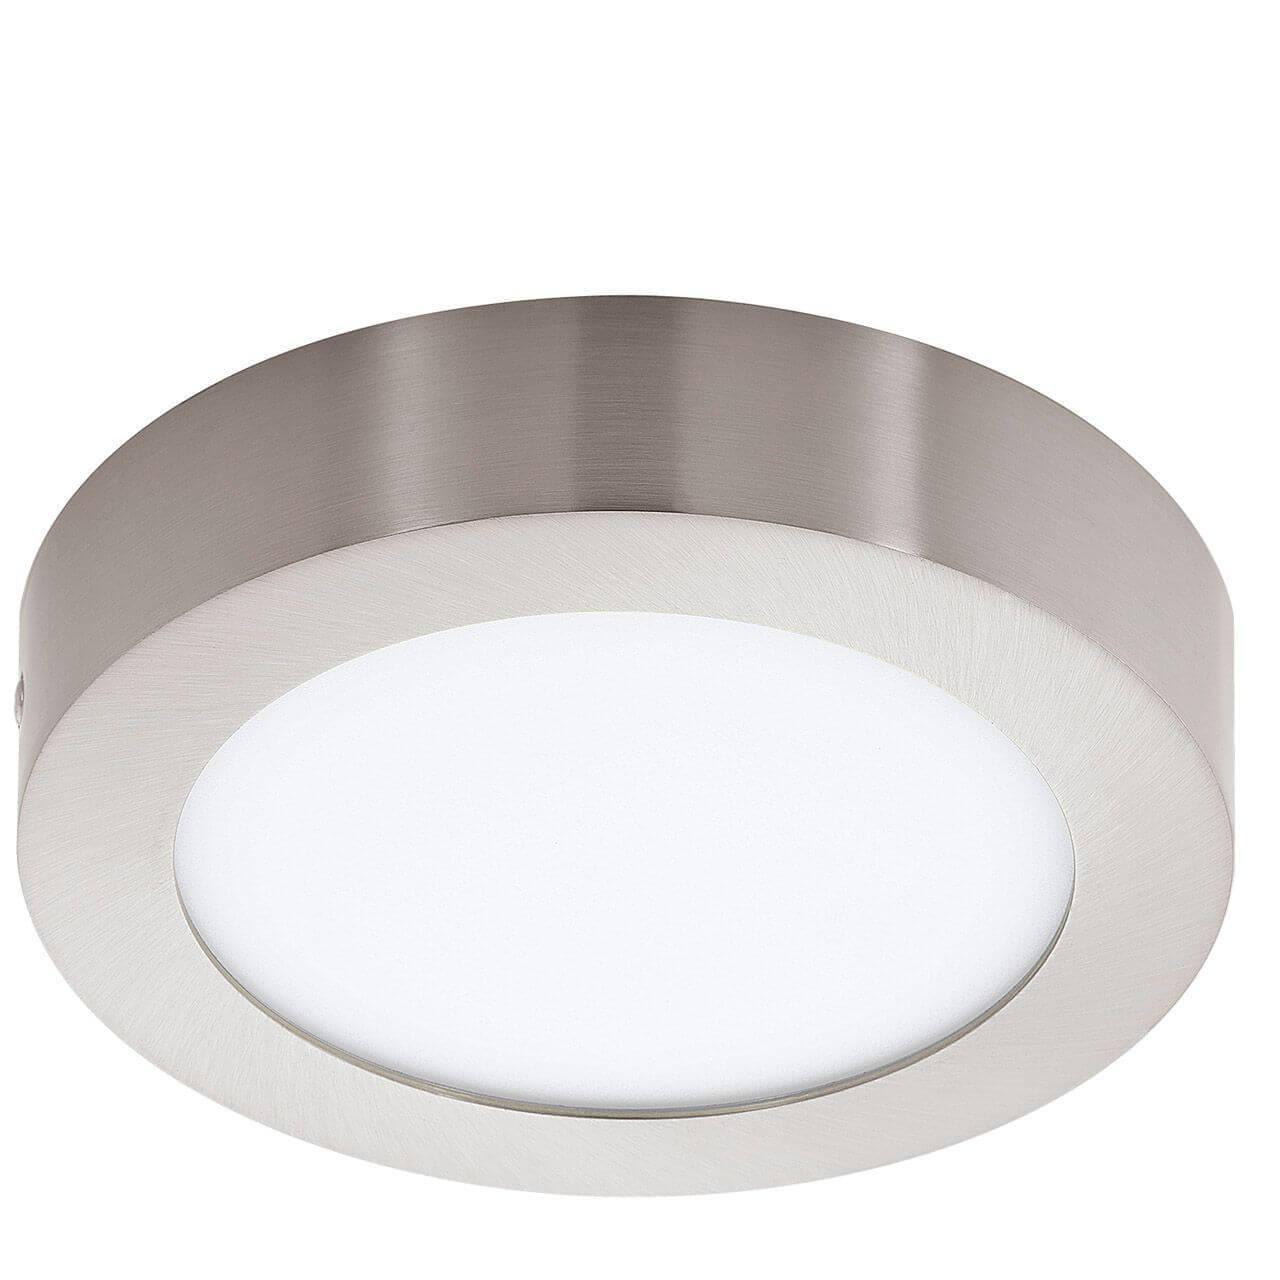 Накладной светильник Eglo 32441, LED, 12 Вт все цены